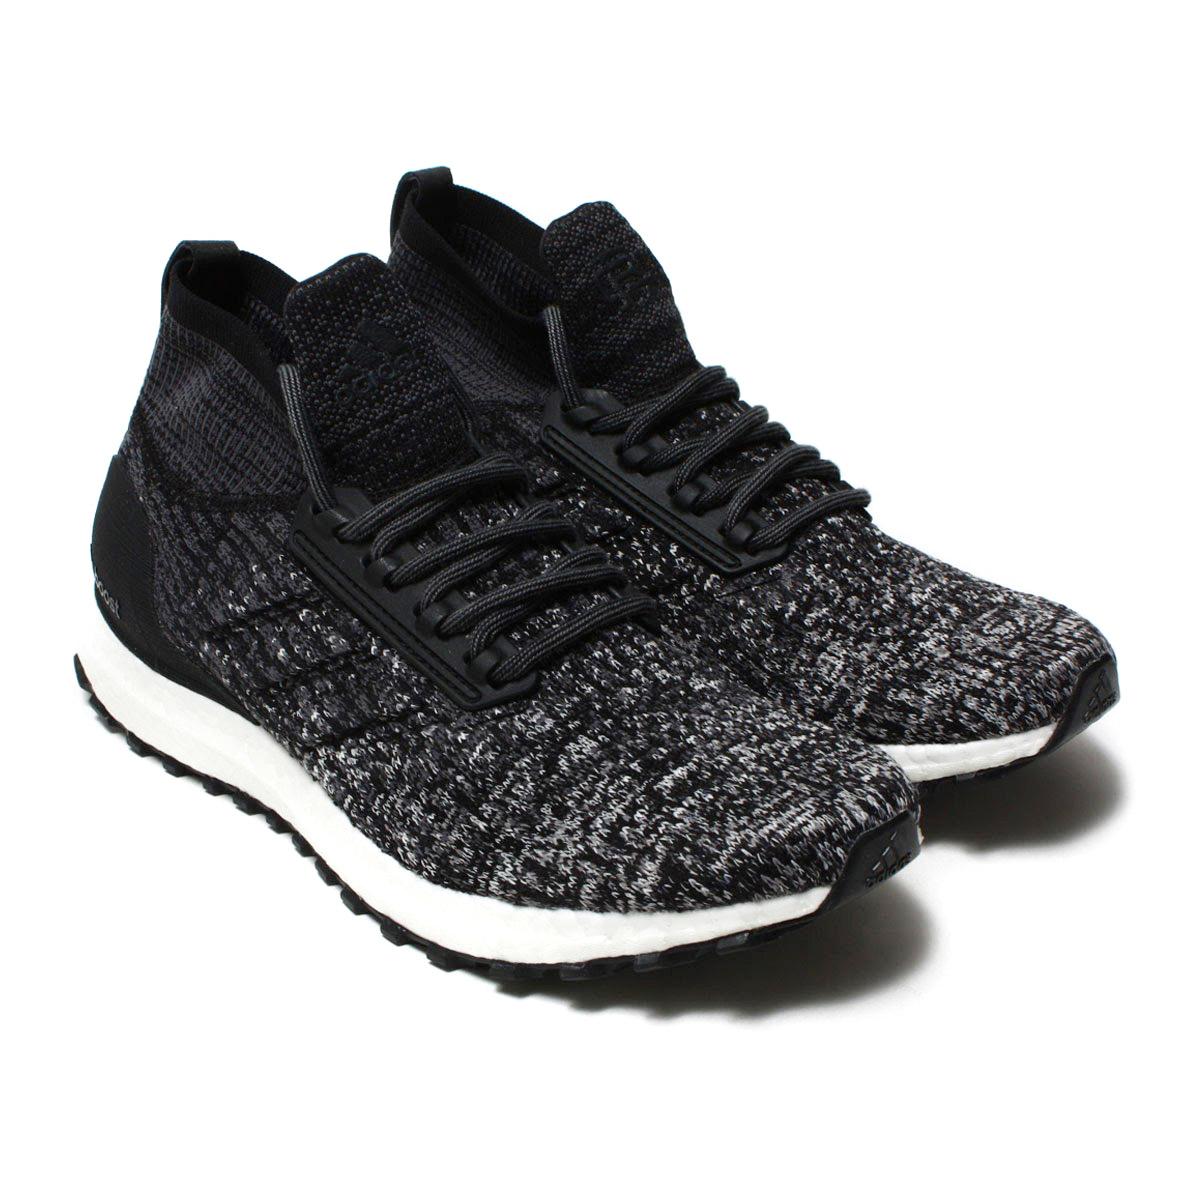 楽天市場 adidas originals ultraboost all terrain rc アディダス